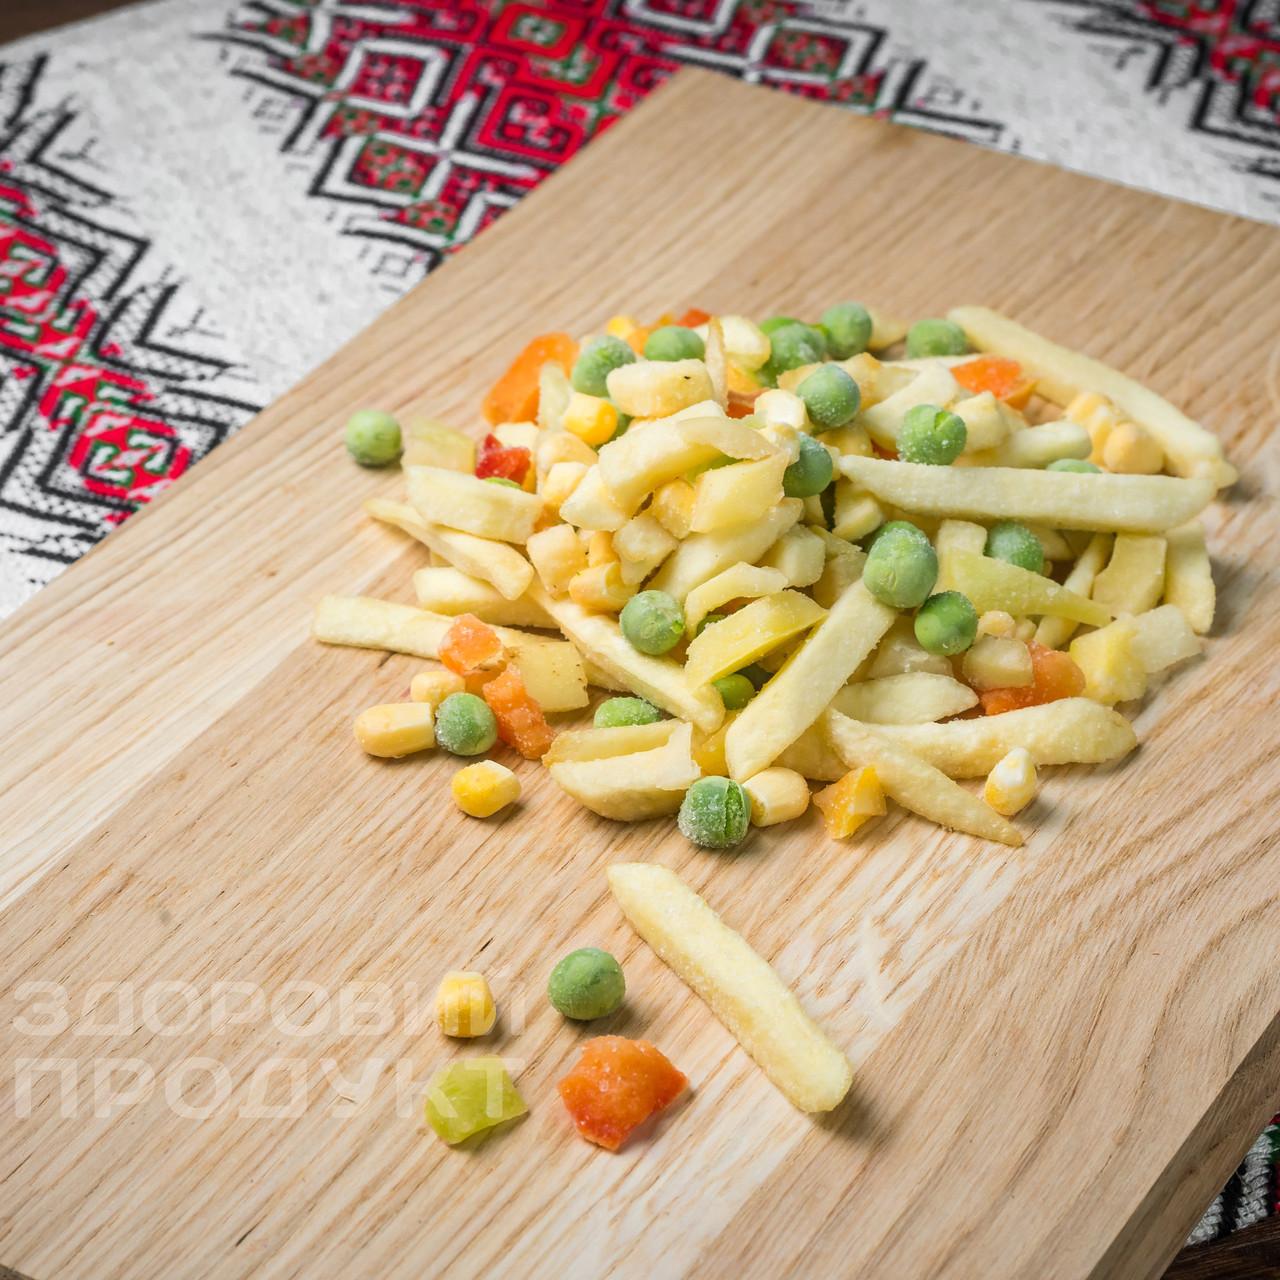 """Смесь """" Картофель фри с овощами"""" (картофель фри, кукуруза, горох, перец) замороженная"""